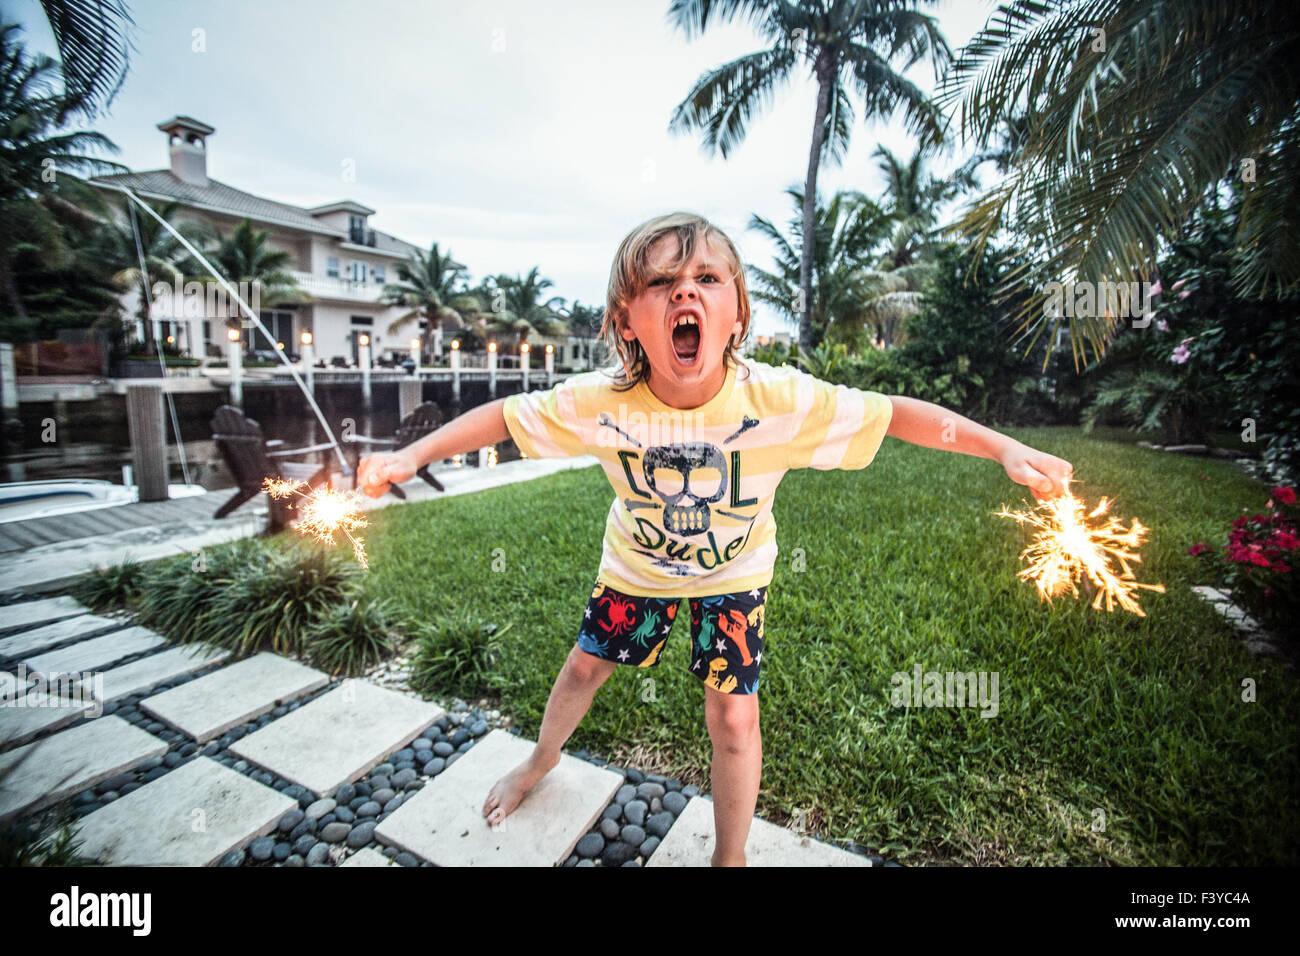 Un giovane ragazzo con botti indossando un cool dude t-shirt. Immagini Stock